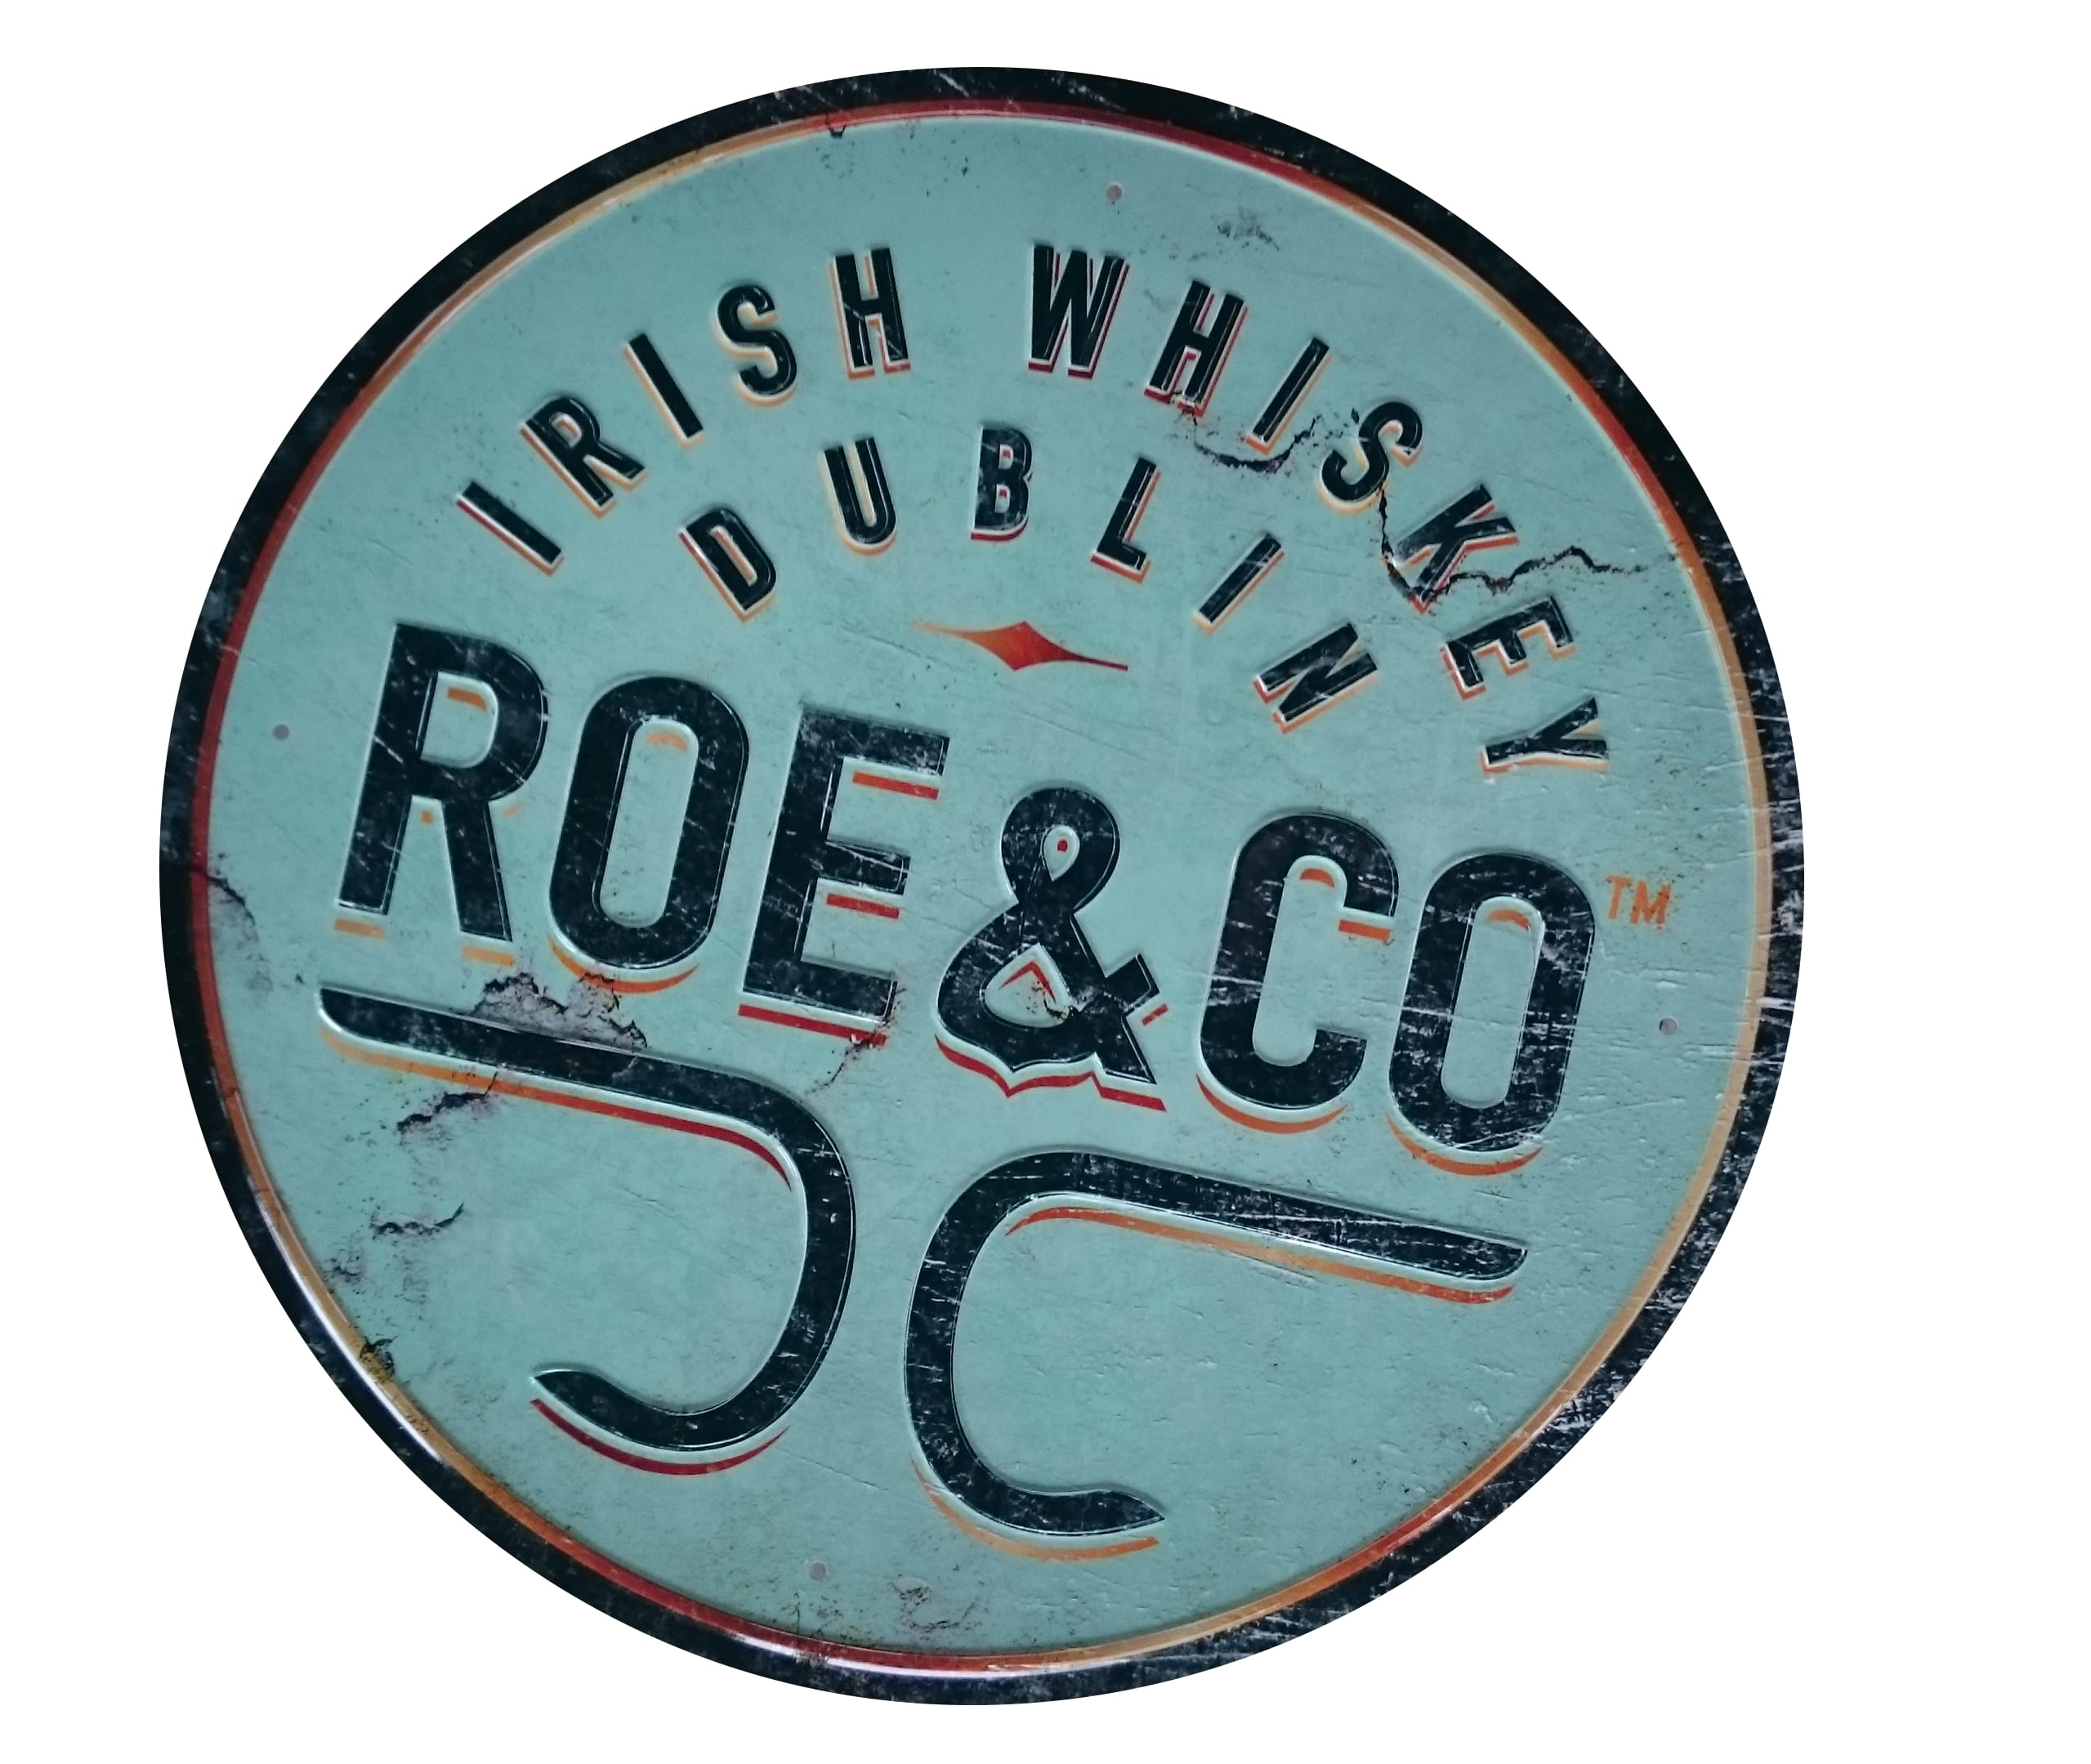 Roe & Co Distilling Company